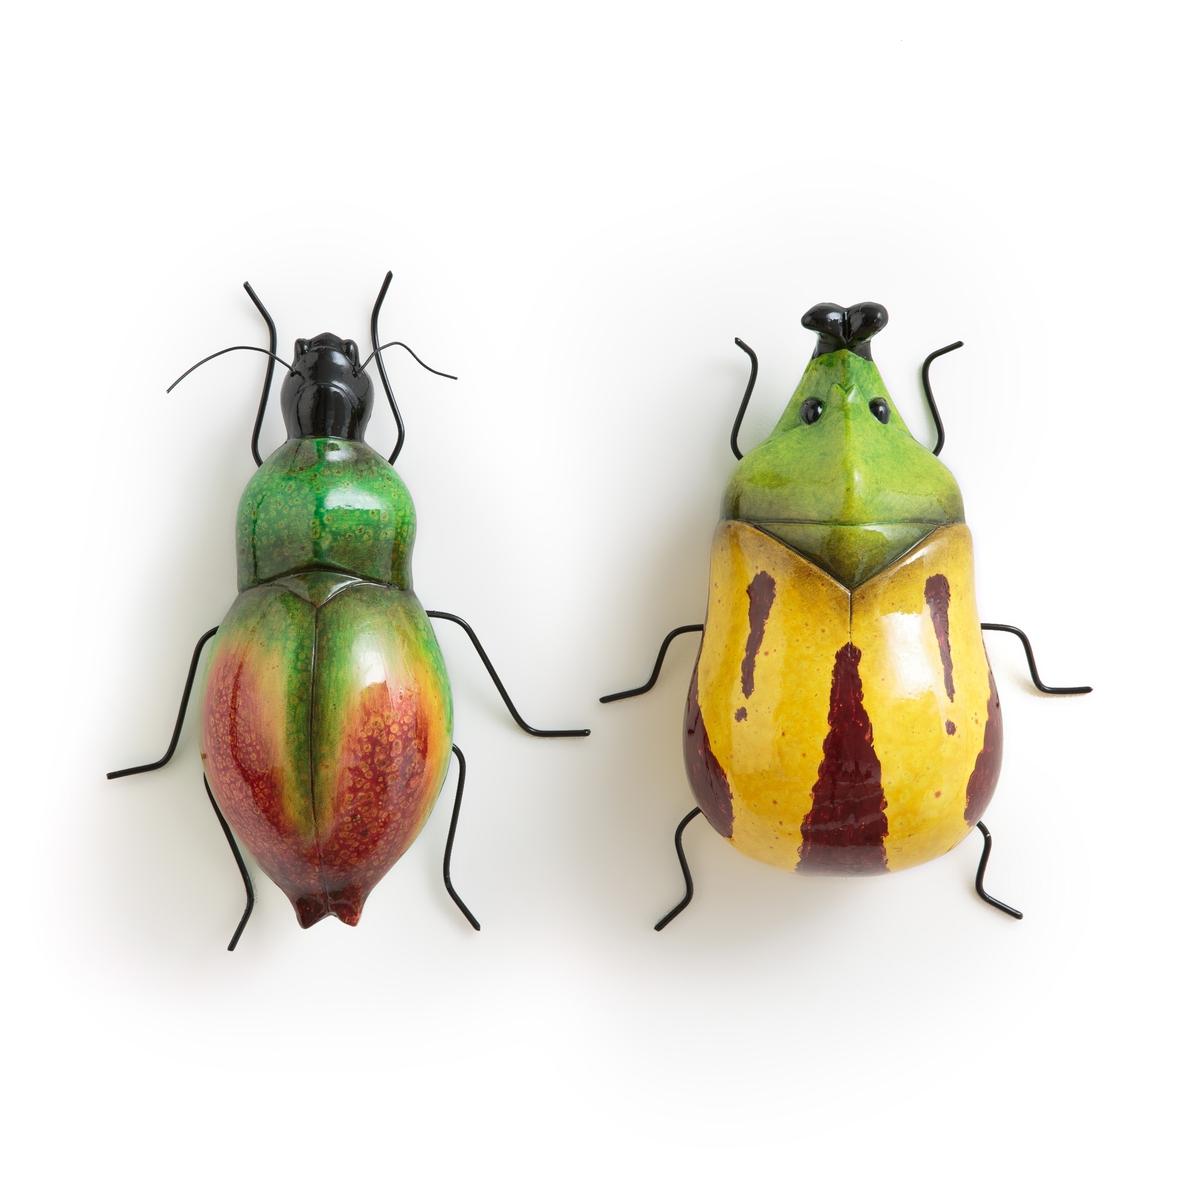 Комплект из 2 скульптур в виде насекомых из терракоты, Faraison2 скульптуры в виде насекомых Faraison. 2 скульптуры в виде насекомых разного размера для крепления на стену, можно сочетать с 2 другими моделями Faraison, представленными на нашем сайте, для придания пасторальной нотки вашему интерьеру. Из окрашенной терракоты. Размеры: Ш18,5 x В21 x Г8,5 см и Ш17,5 x В19,5 x Г9 см. Задняя пластина для крепления на стену (винт и дюбель продаются отдельно).<br><br>Цвет: разноцветный